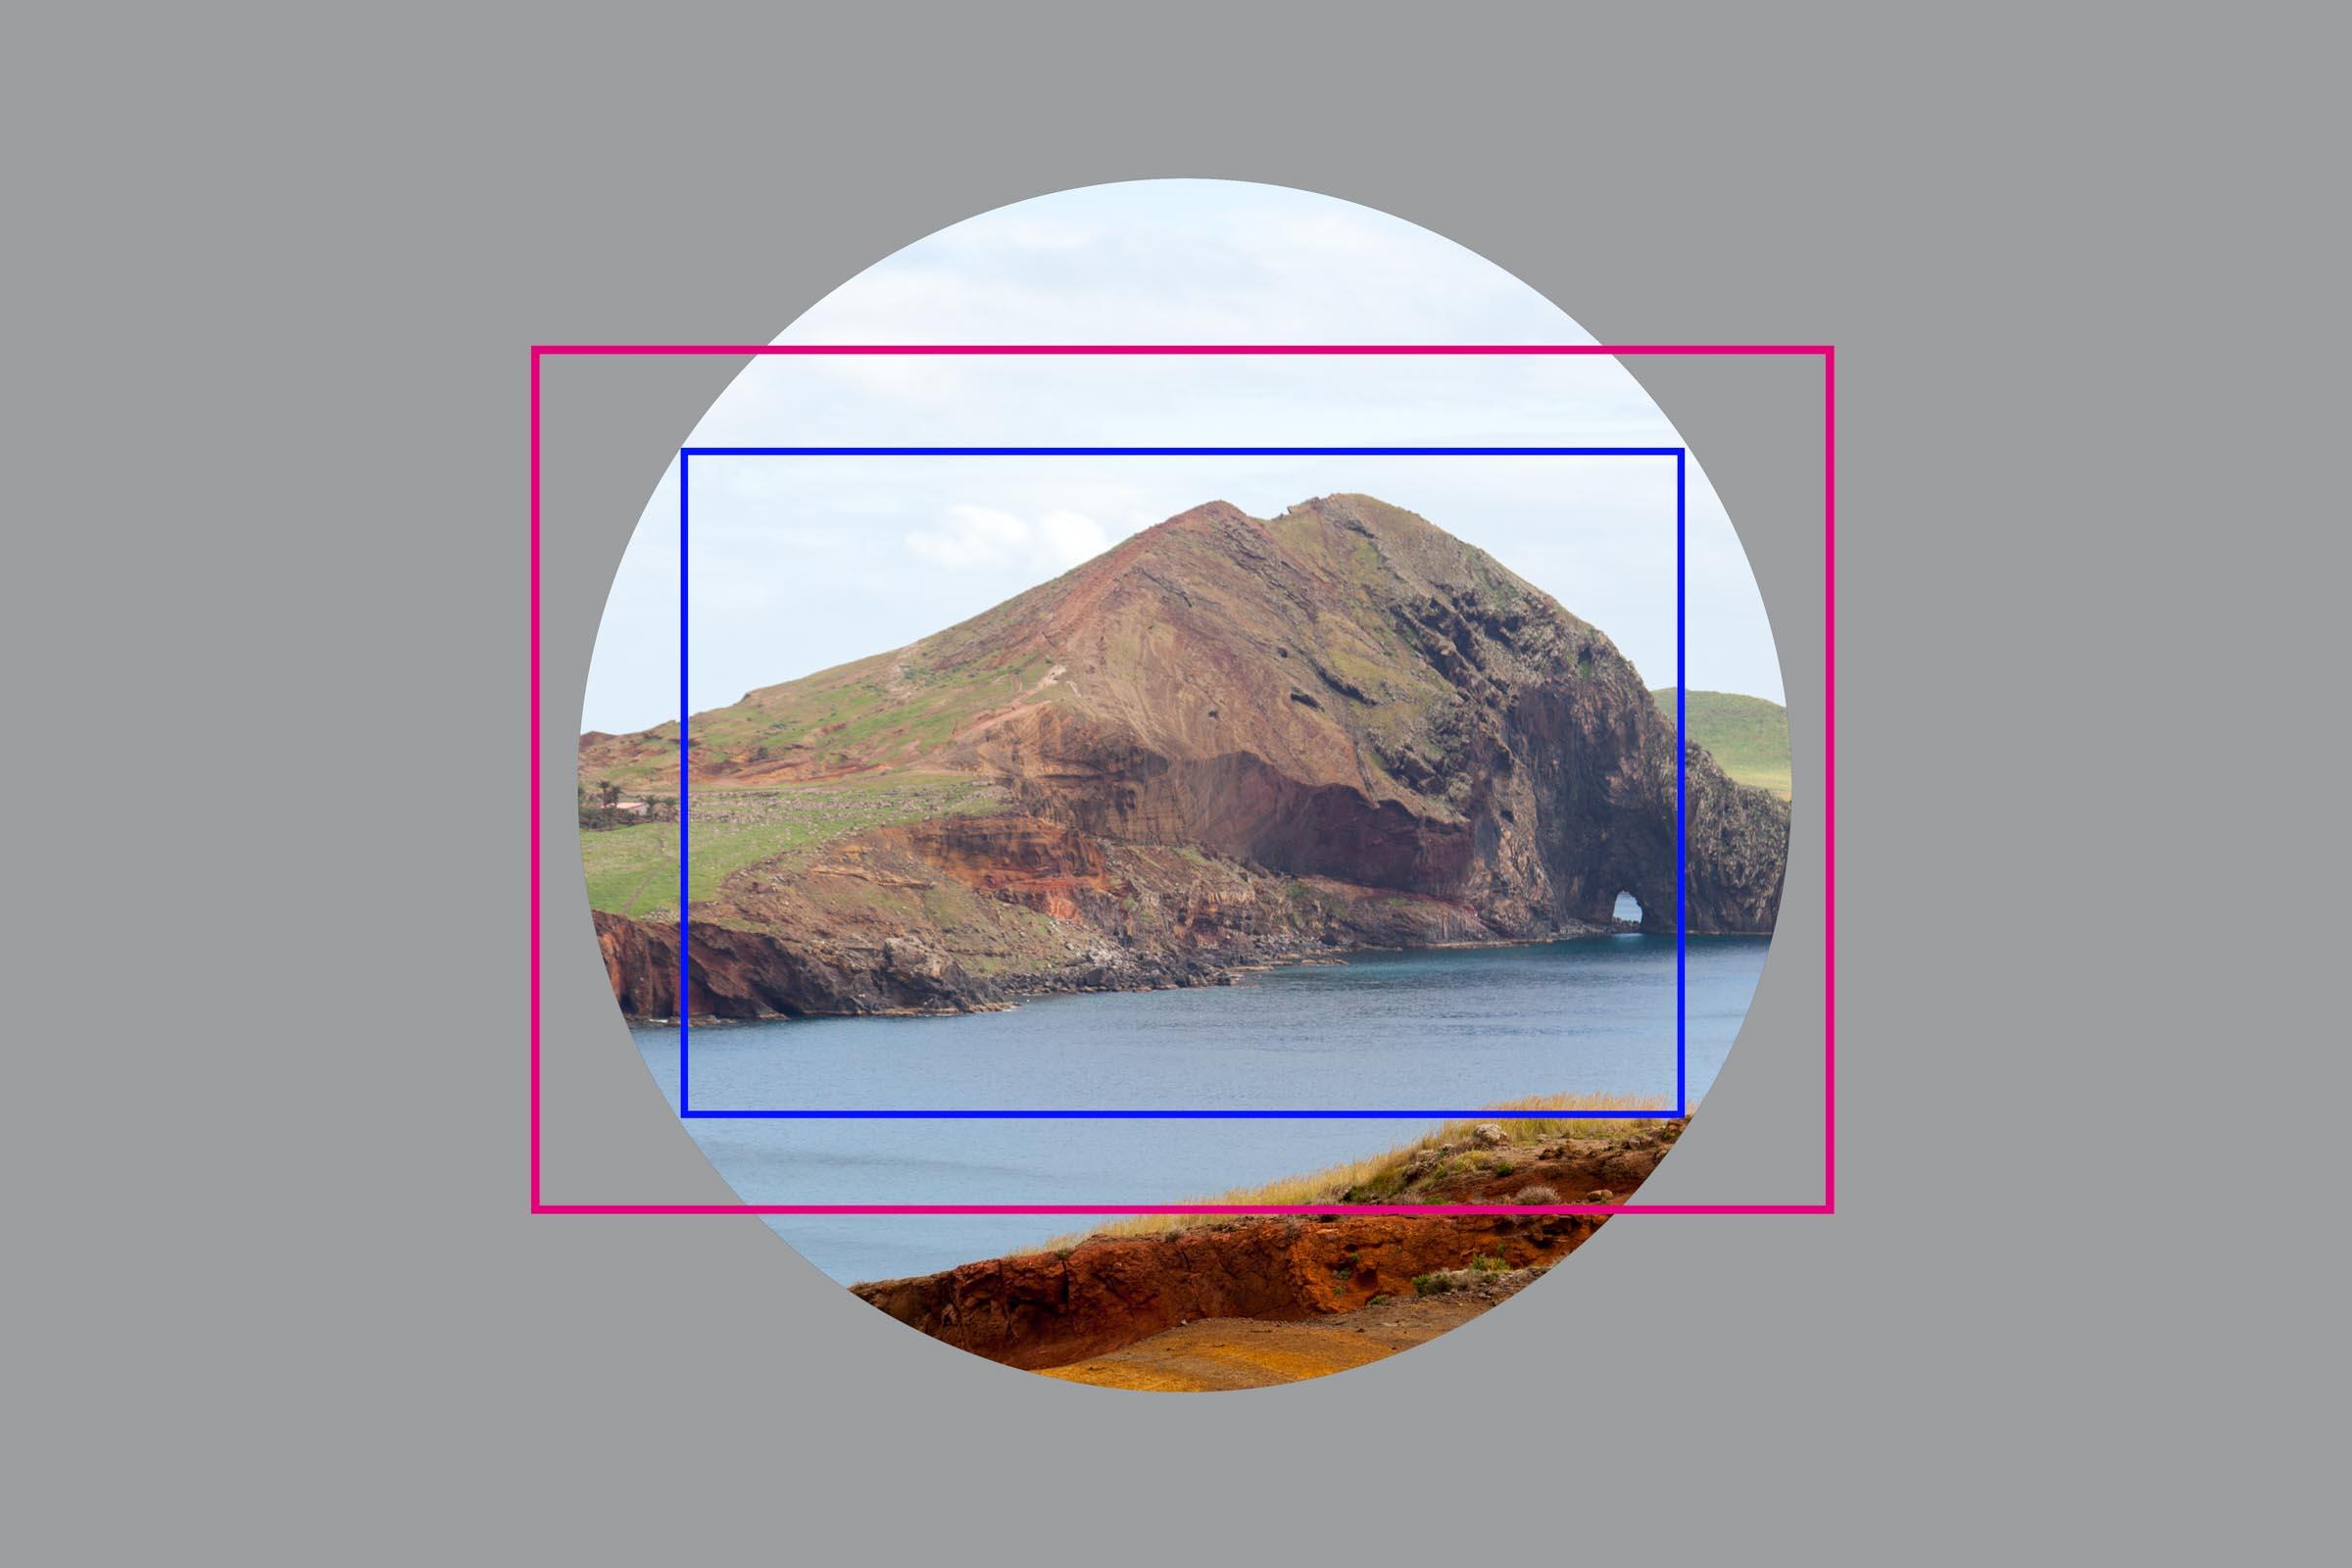 image from Het verschil tussen fullframe en cropfactor